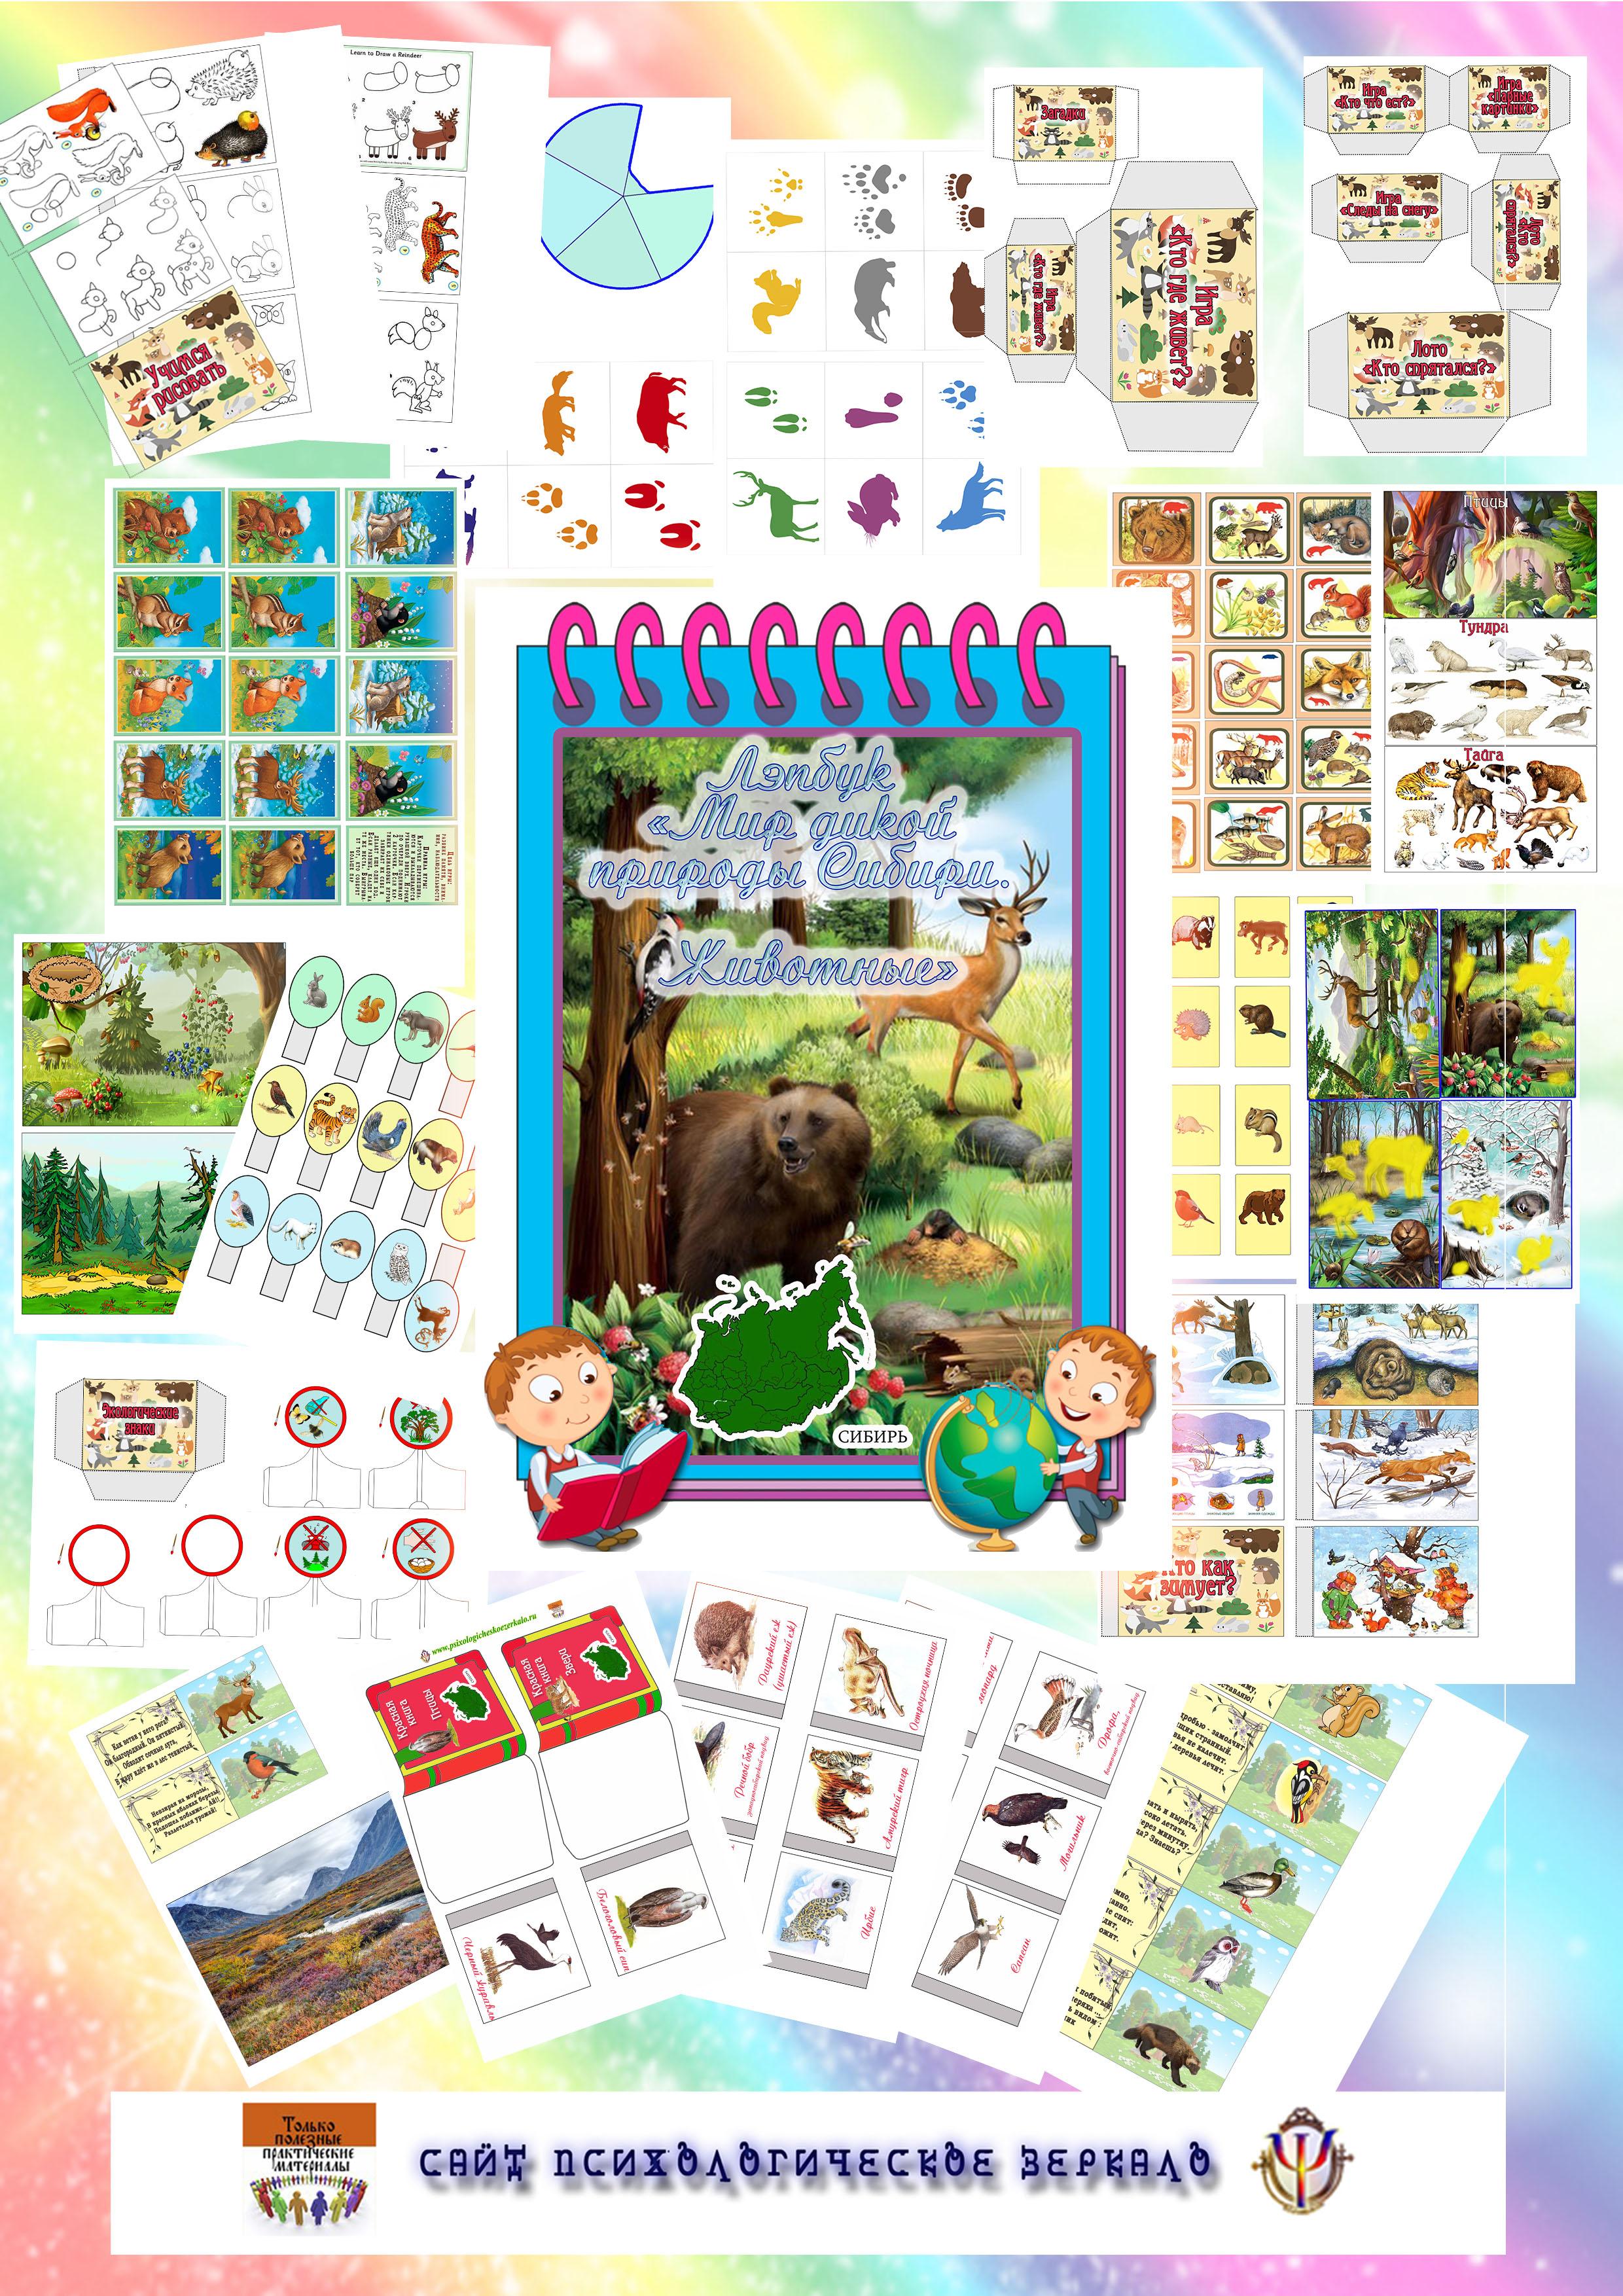 Дикие животные, Сибирь, лэпбук, купить, шаблоны